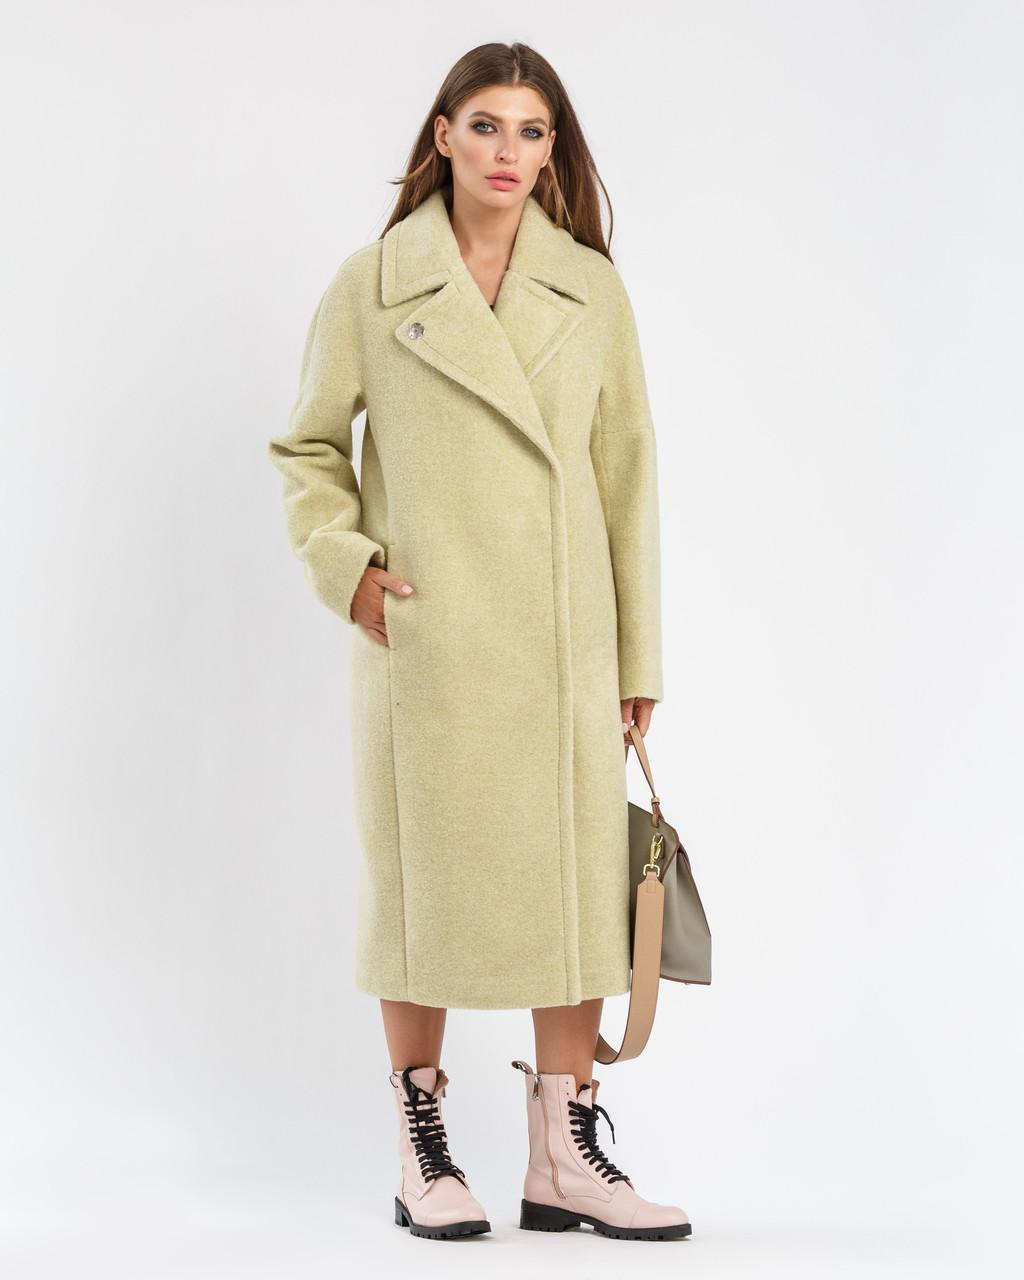 Модне молодіжне пальто з ЭКООВЧИНЫ з відкладним коміром з 42 по 50 розмір